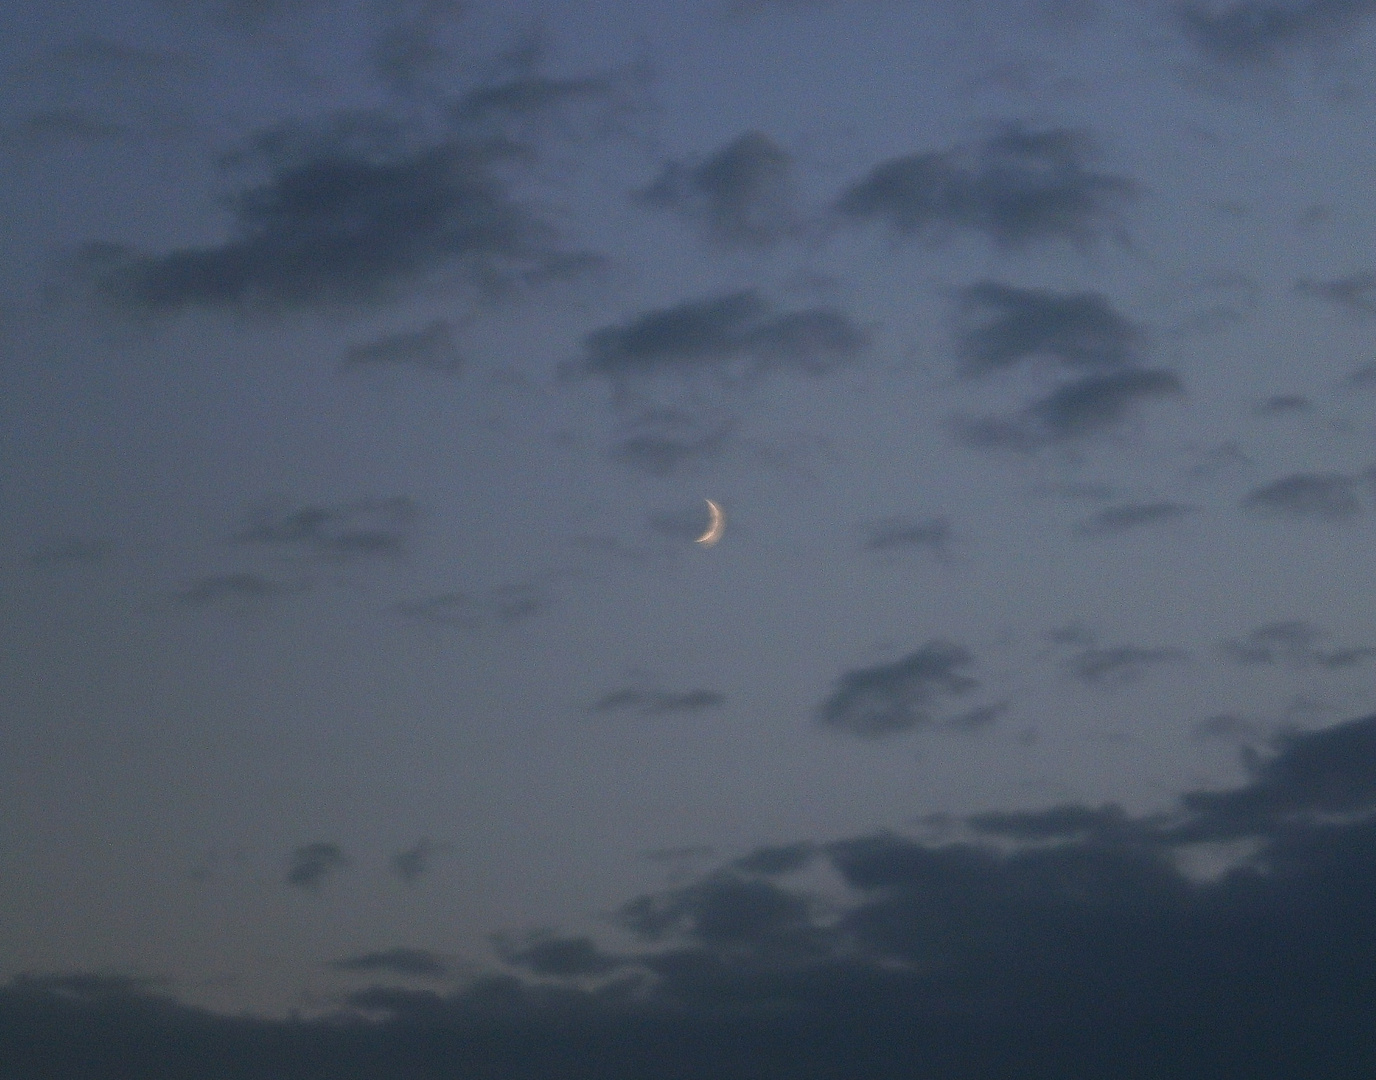 Der kleine Mond im großen Universum